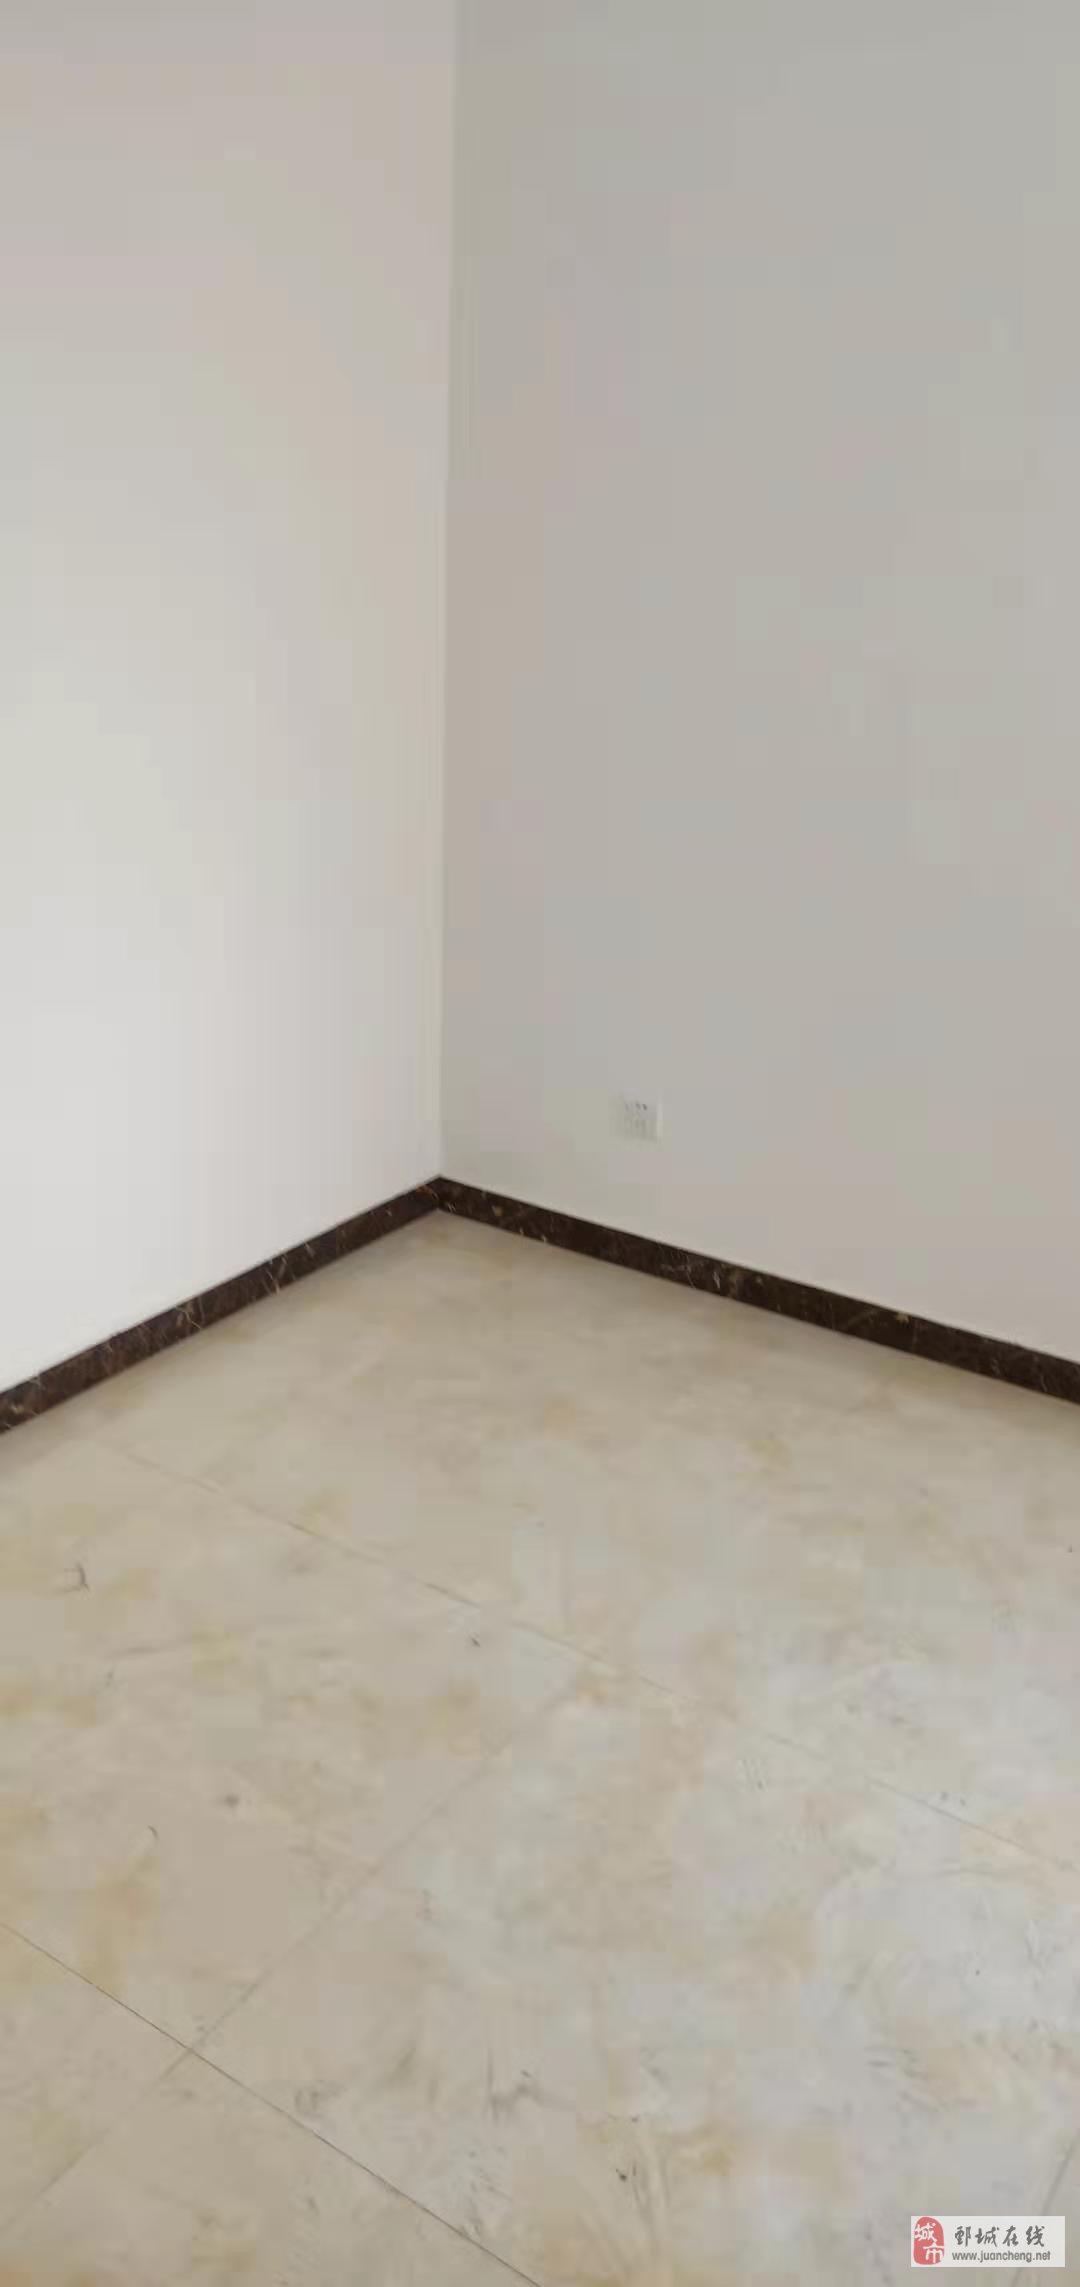 御翠上府,3居室,精裝修,有電梯,有儲藏室,售48